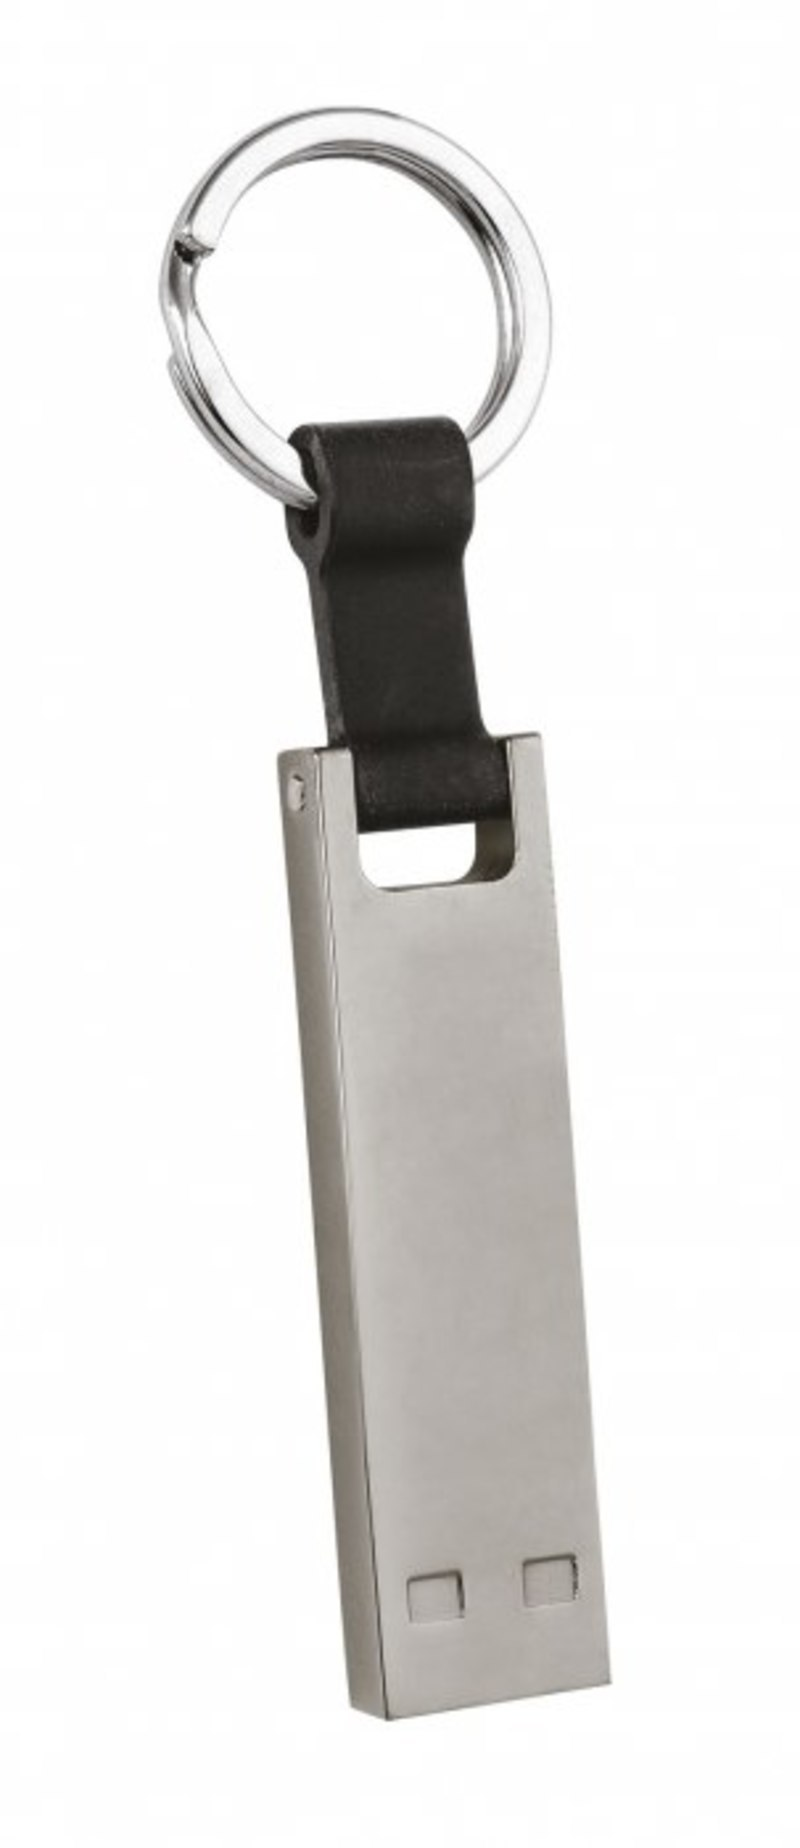 USB MINI GUN METAL